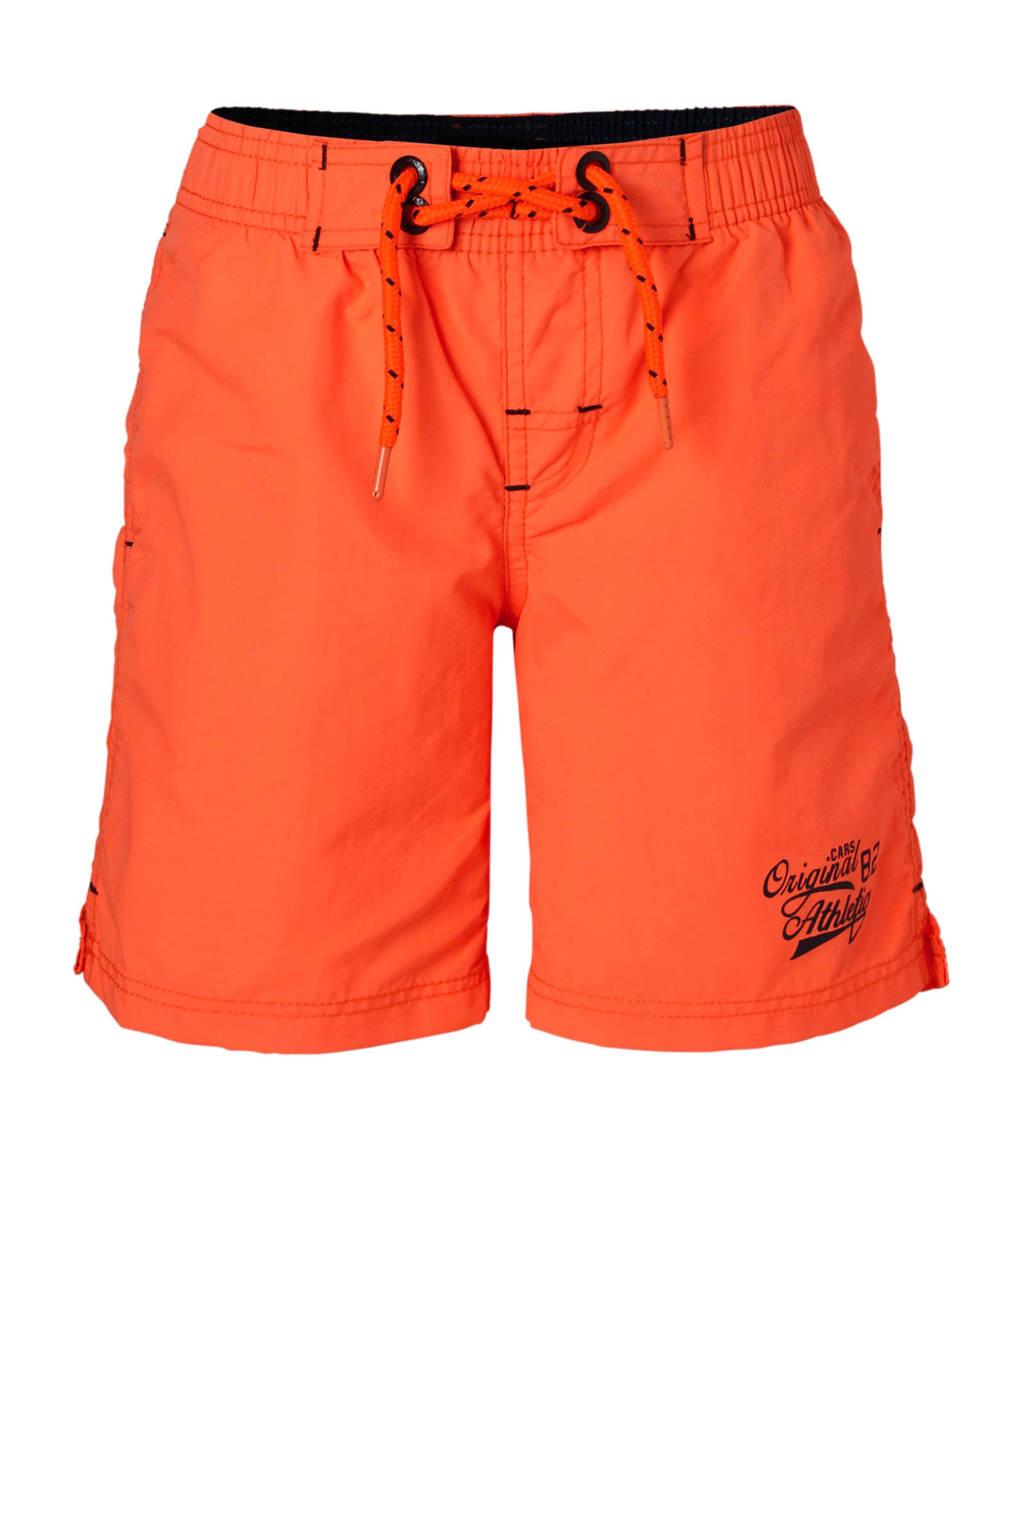 Cars zwemshort oranje, Oranje